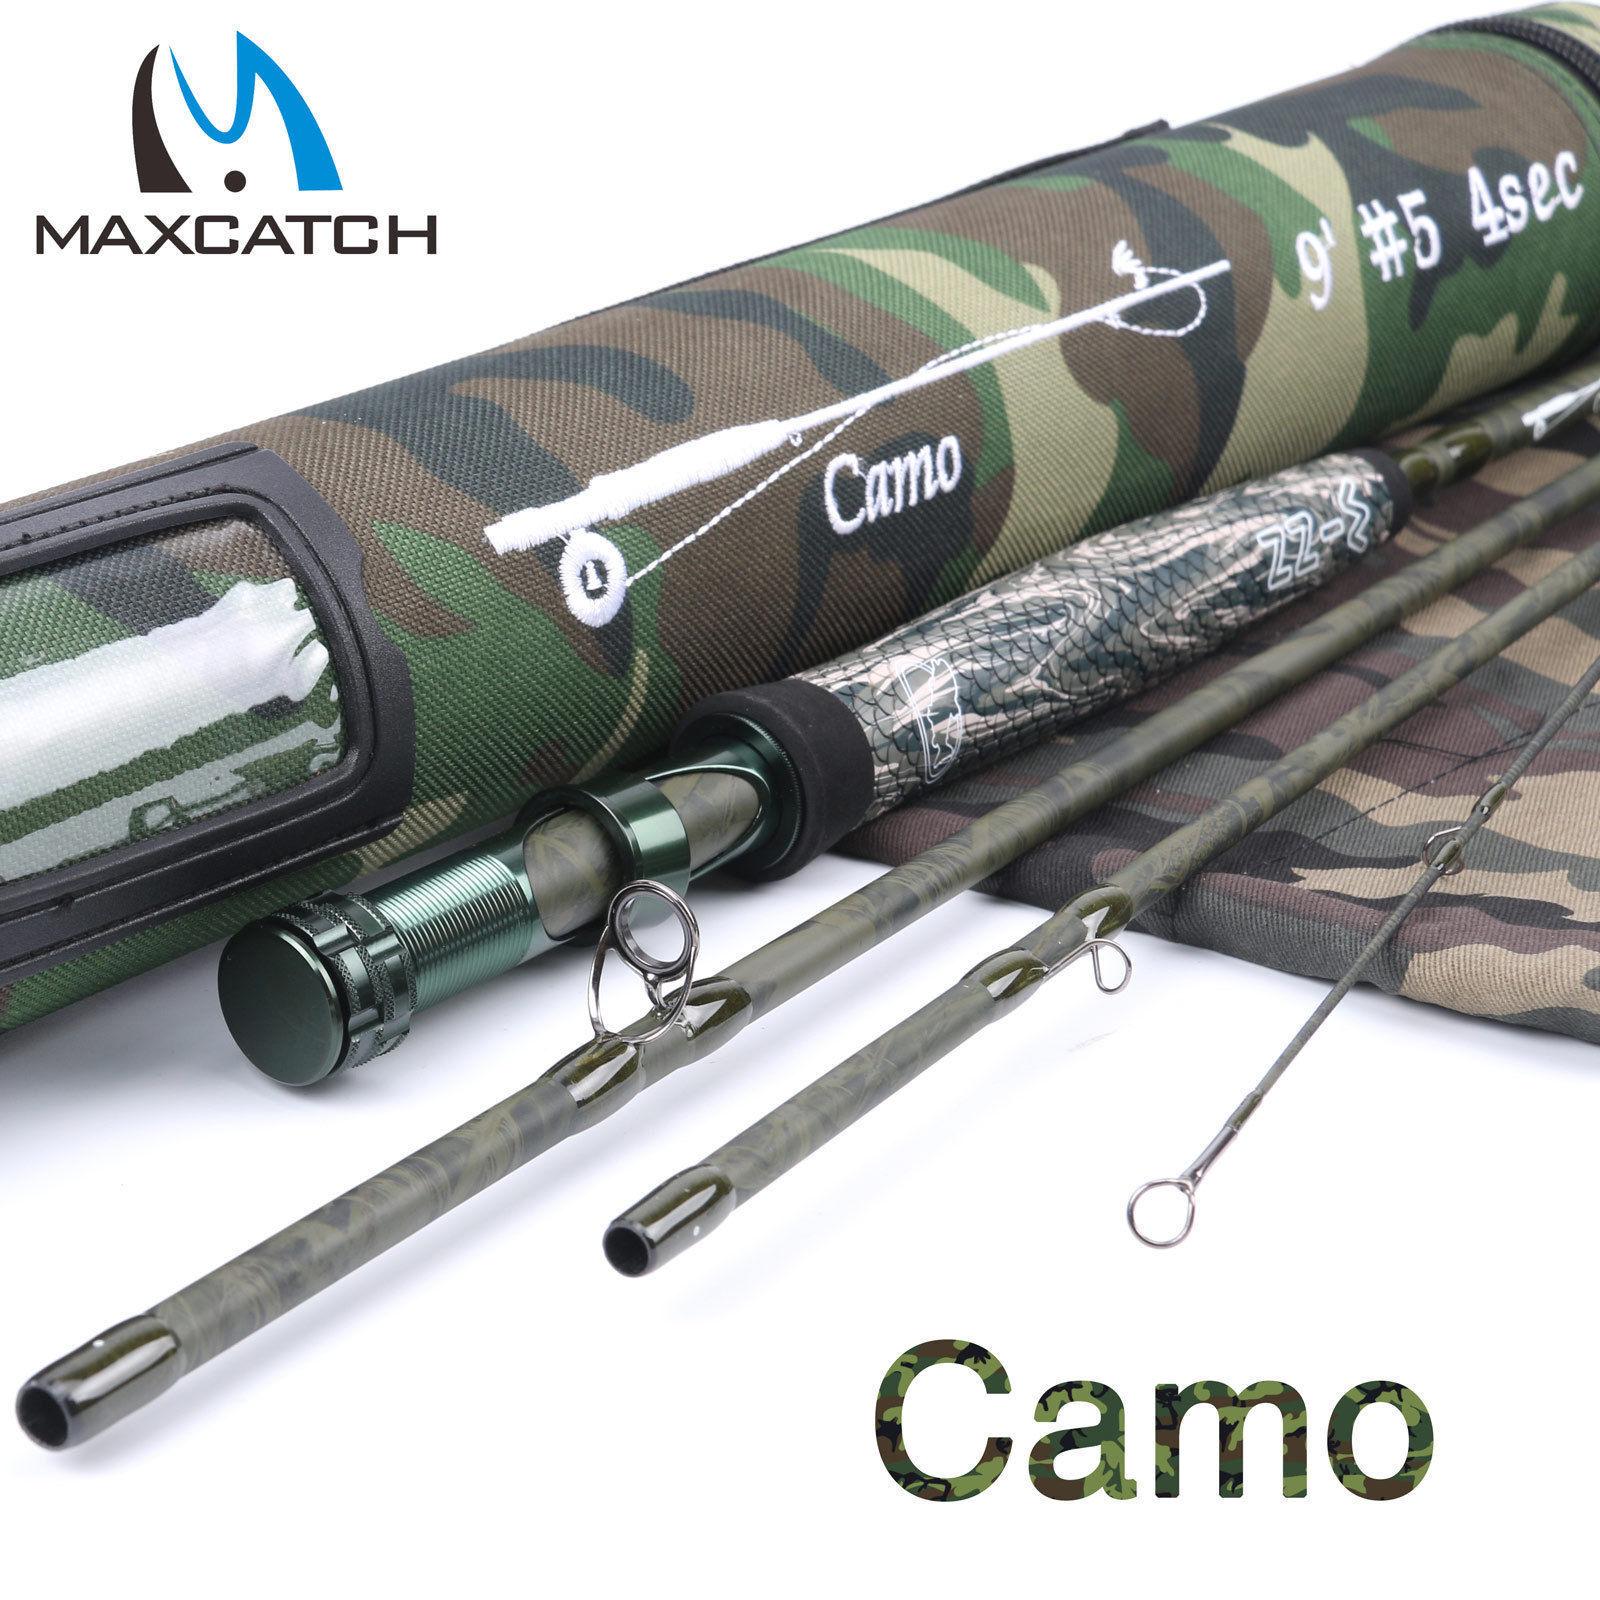 Maxcatch Camo Fly Fishing Rod 9ft 5WT Graphite Camo Blank + Cordura Rod Tube